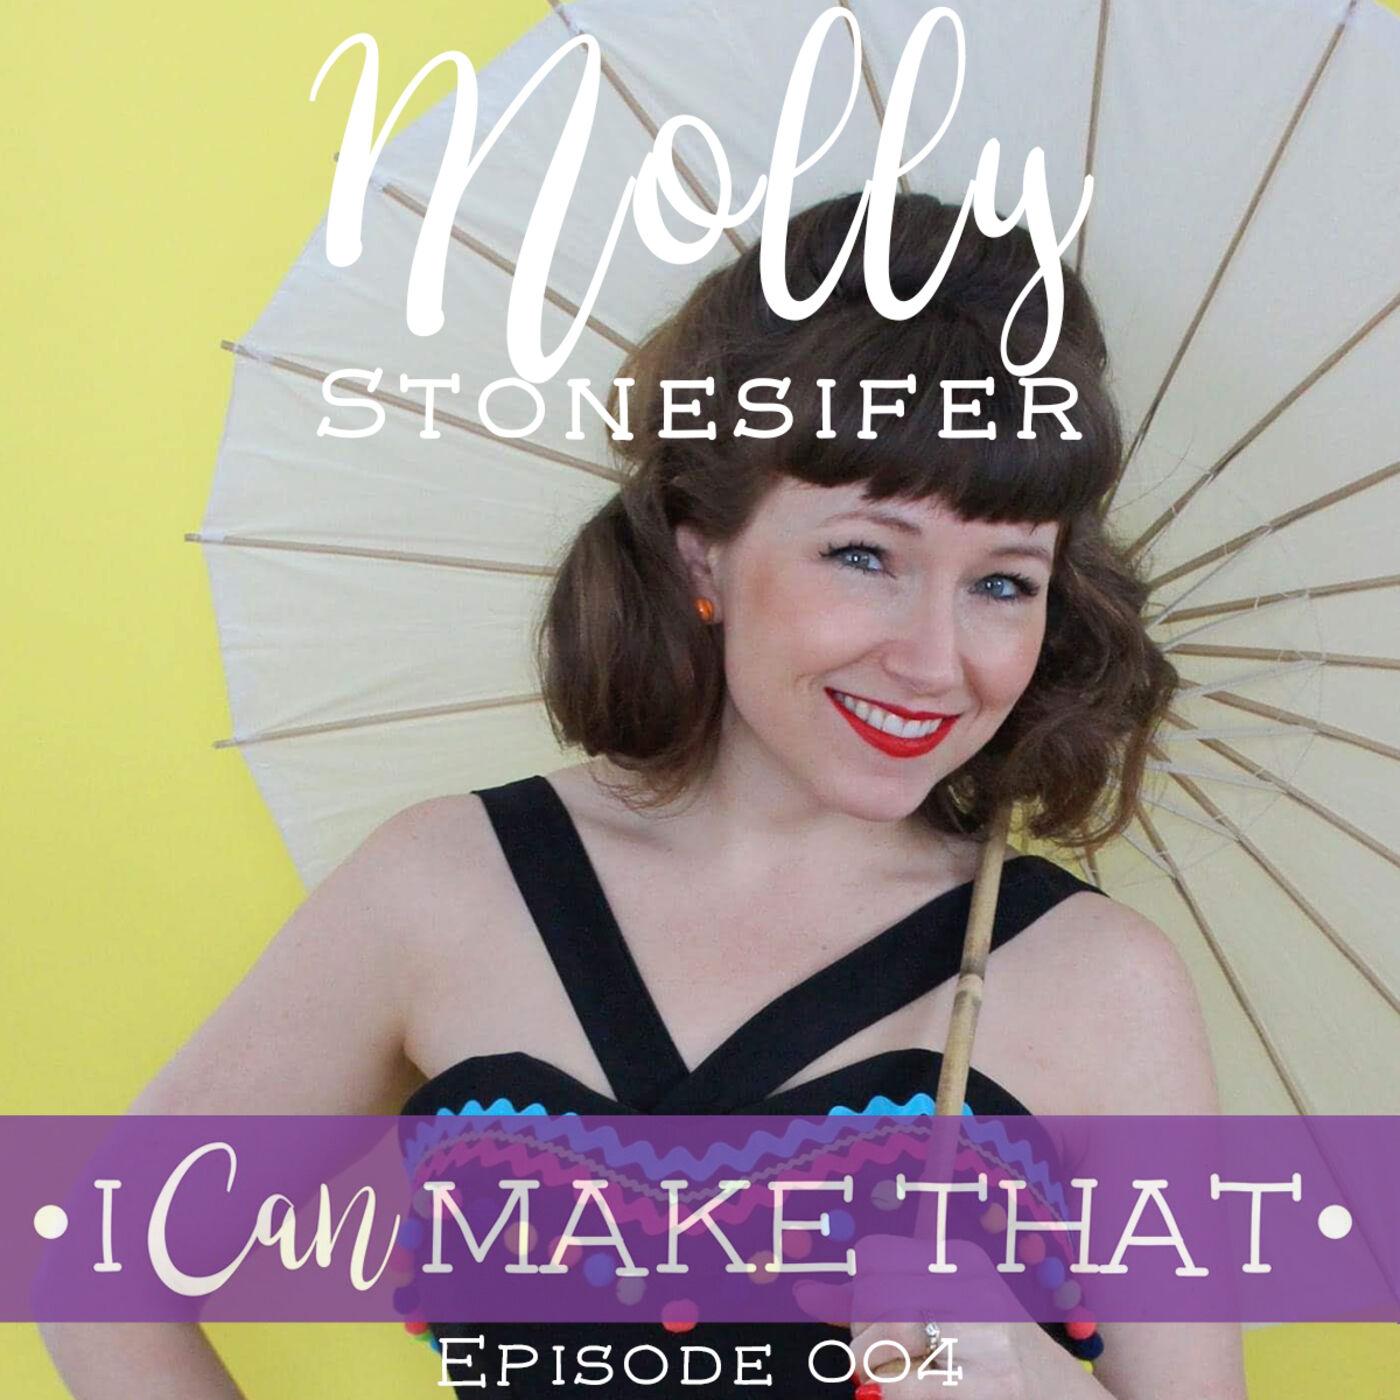 E004: Molly Stonesifer, Middler River Studio